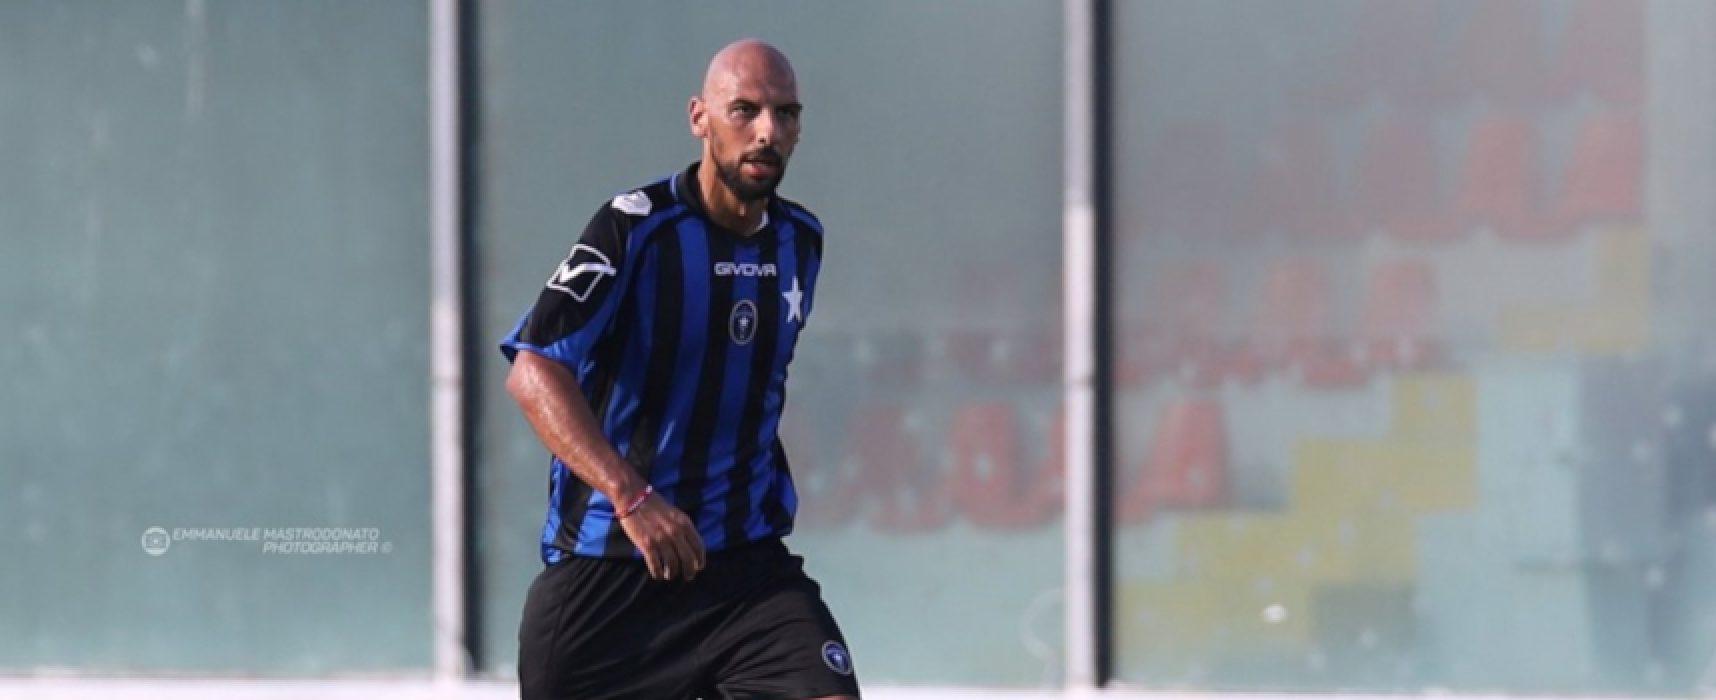 Bisceglie Calcio atteso dal Picerno per l'andata del primo turno di Coppa Italia